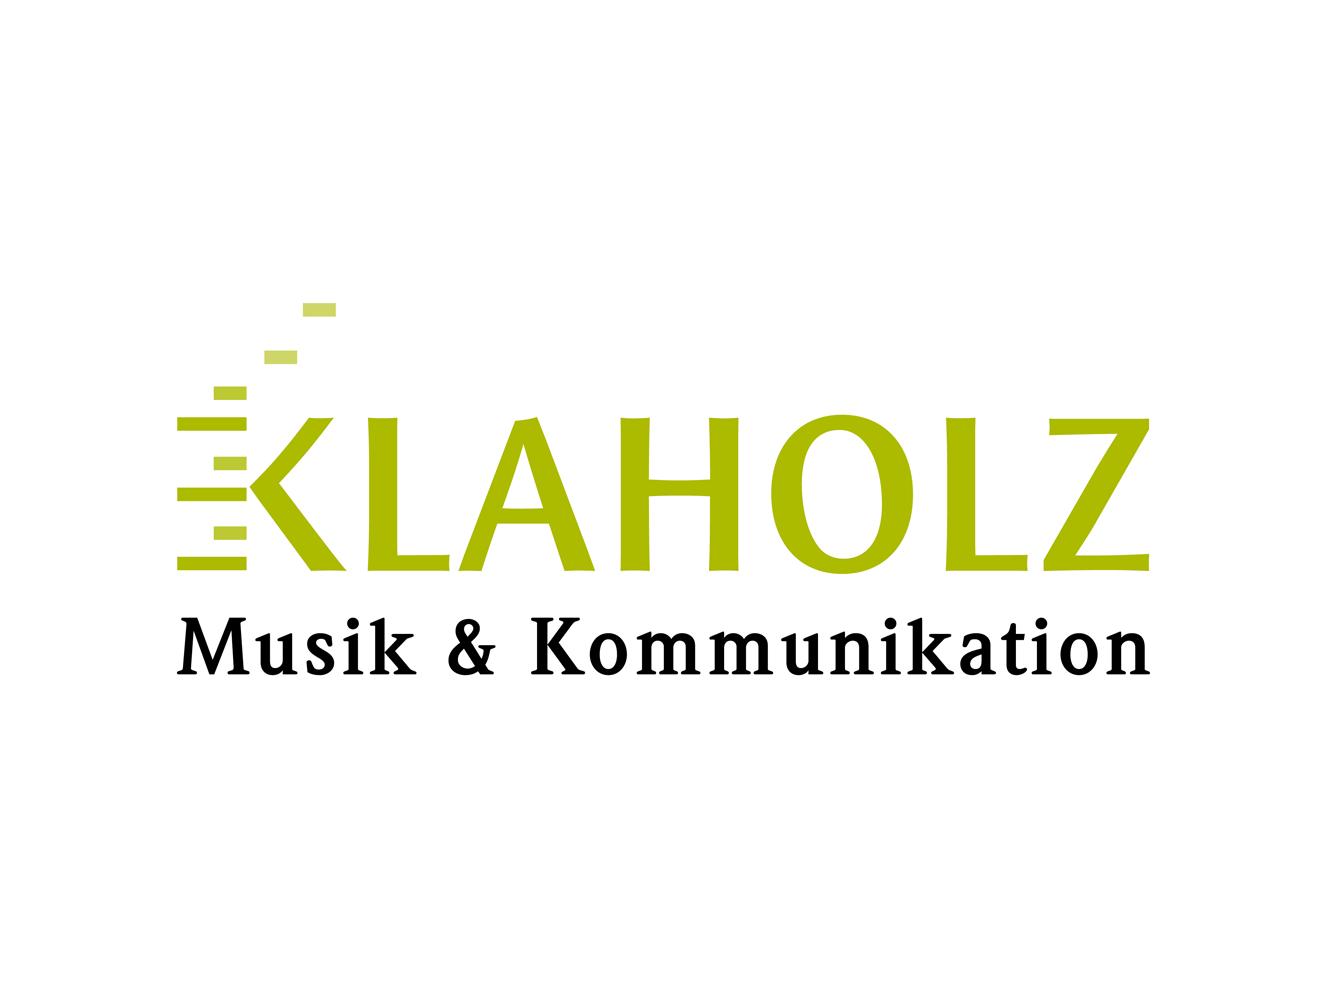 Klaholz // Logo